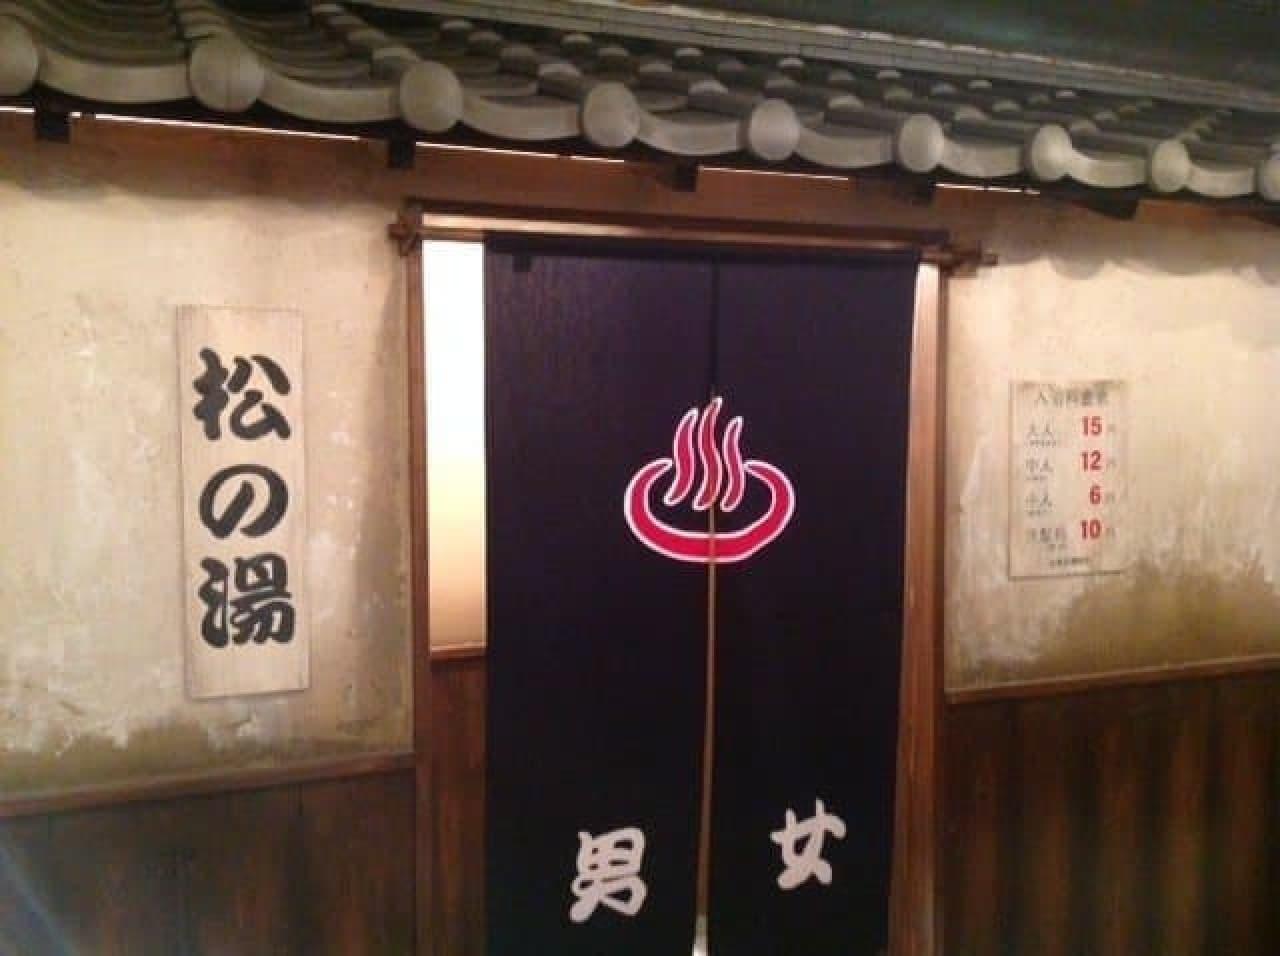 駄菓子たべ放題の『新宿駄菓子バー』